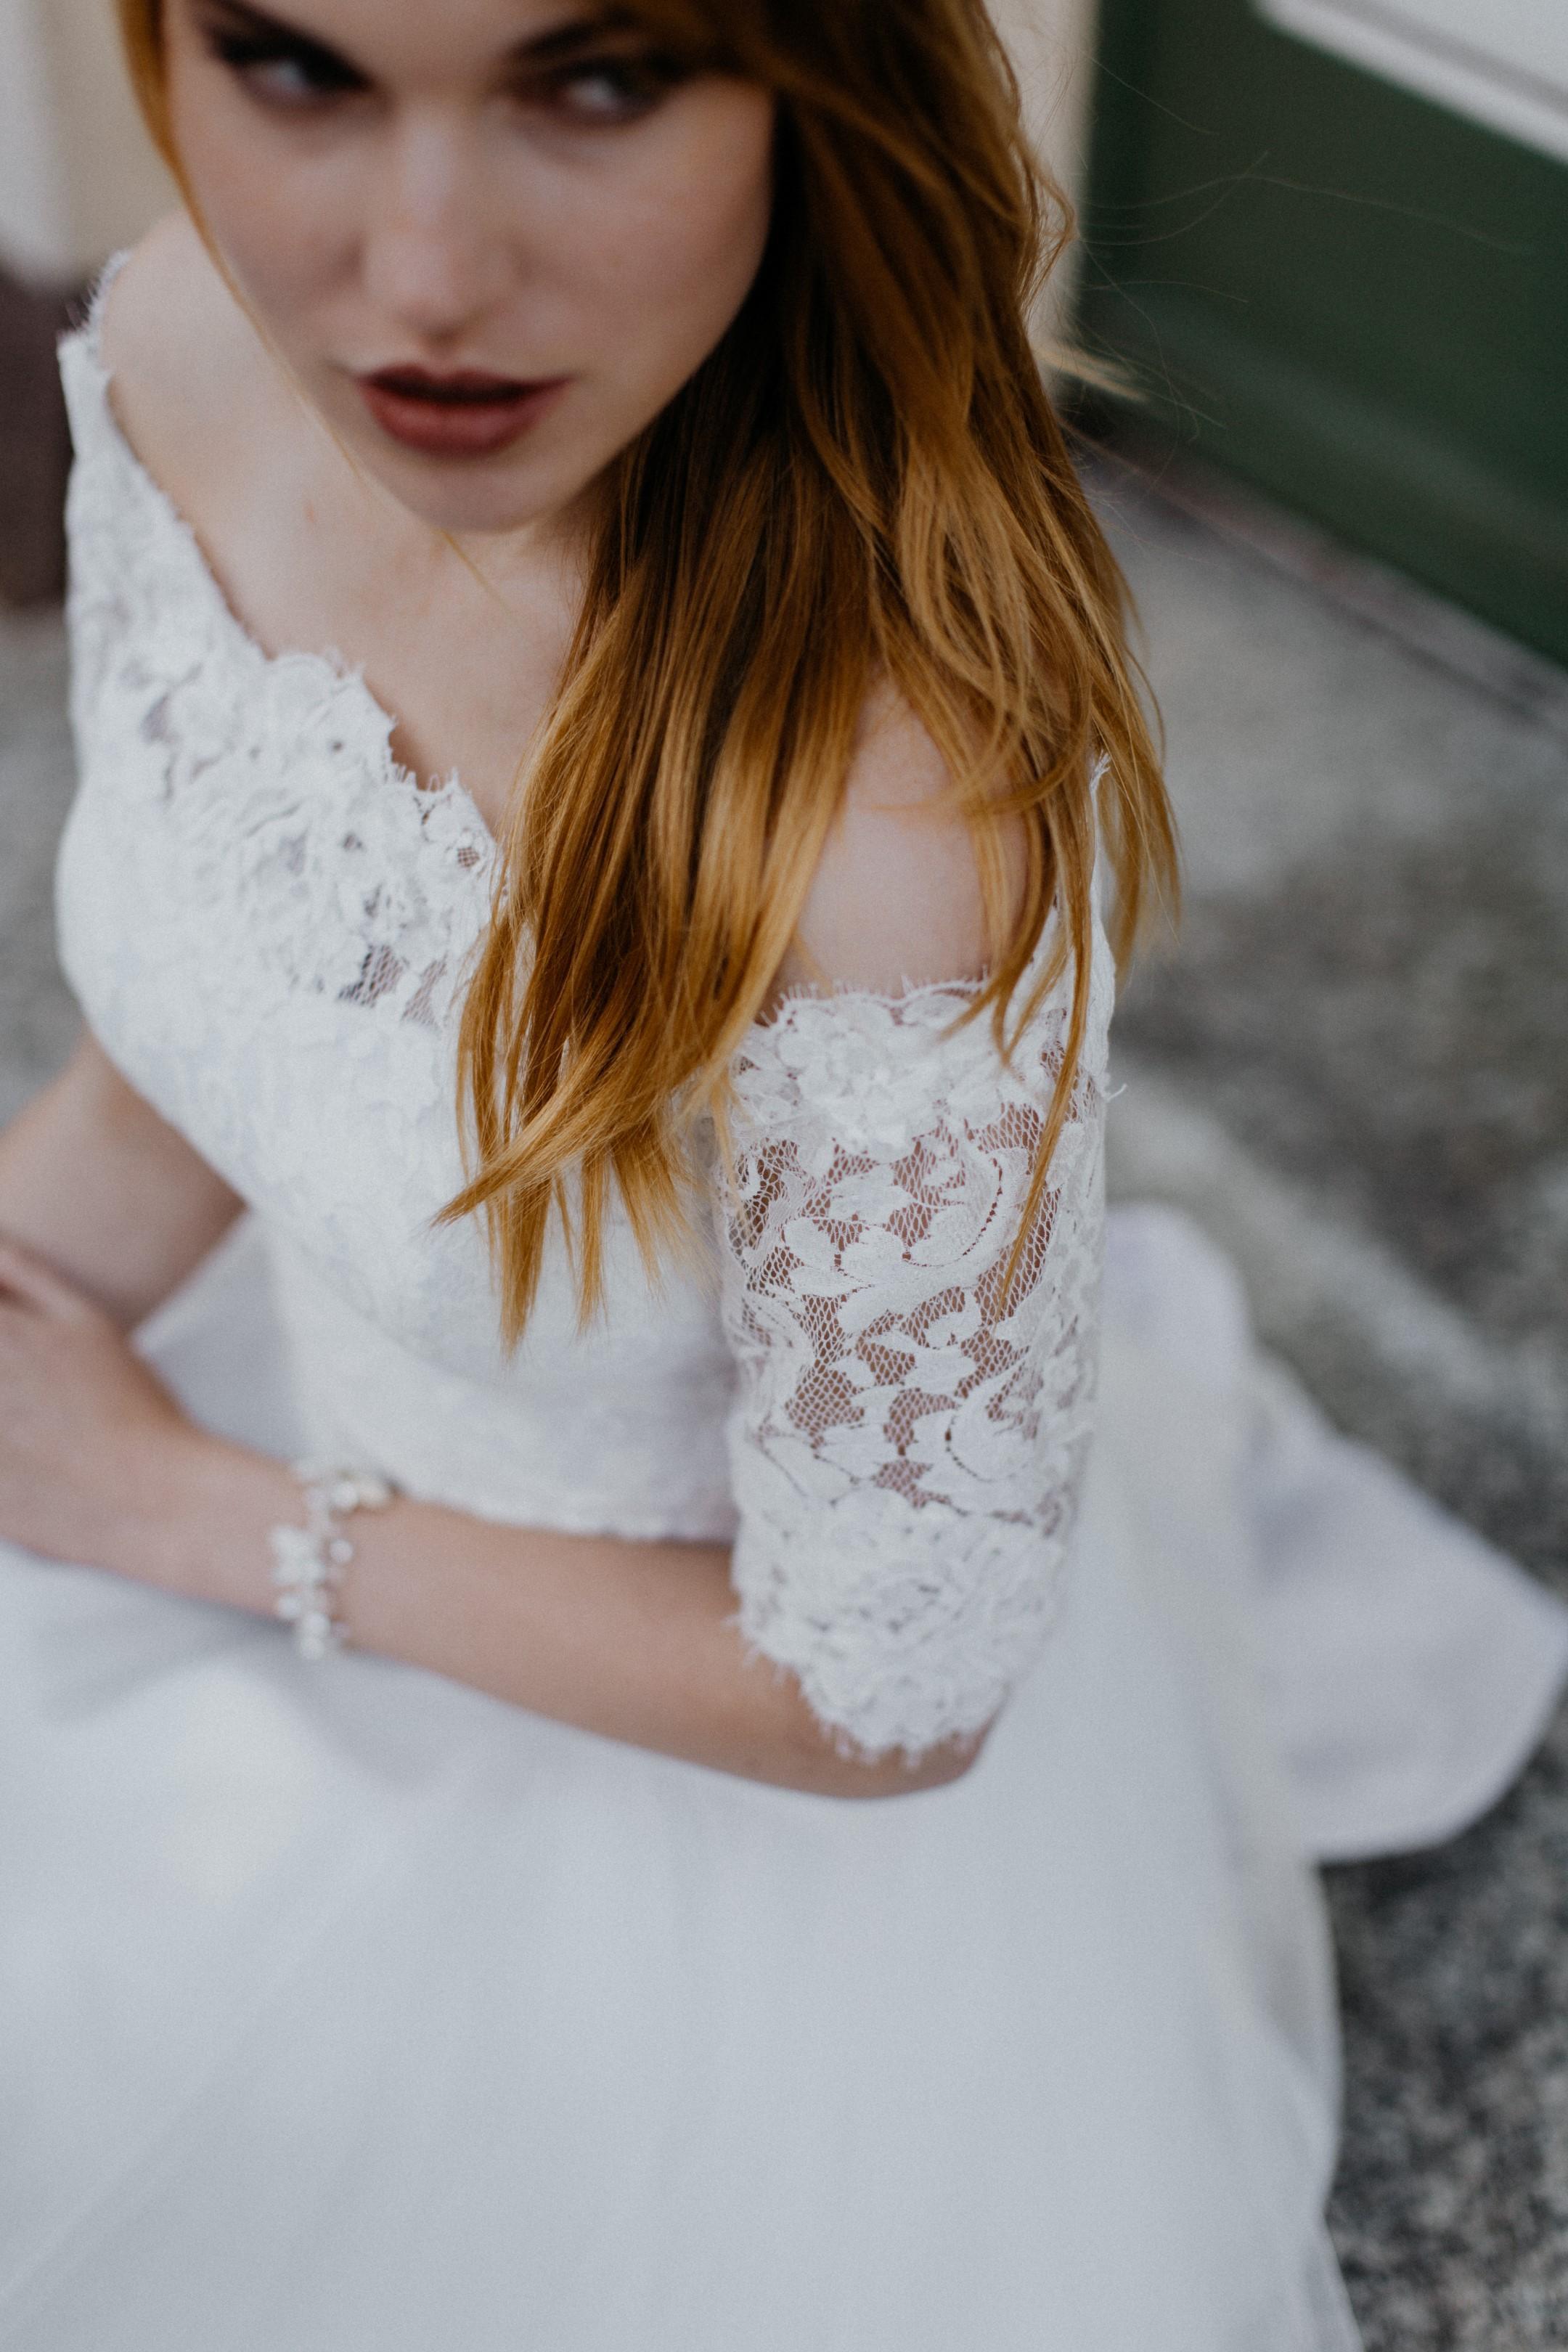 Traumanufaktur_Hochzeitsspeicher_an_der_Elbe_Styled_Shoot_044 (Andere)